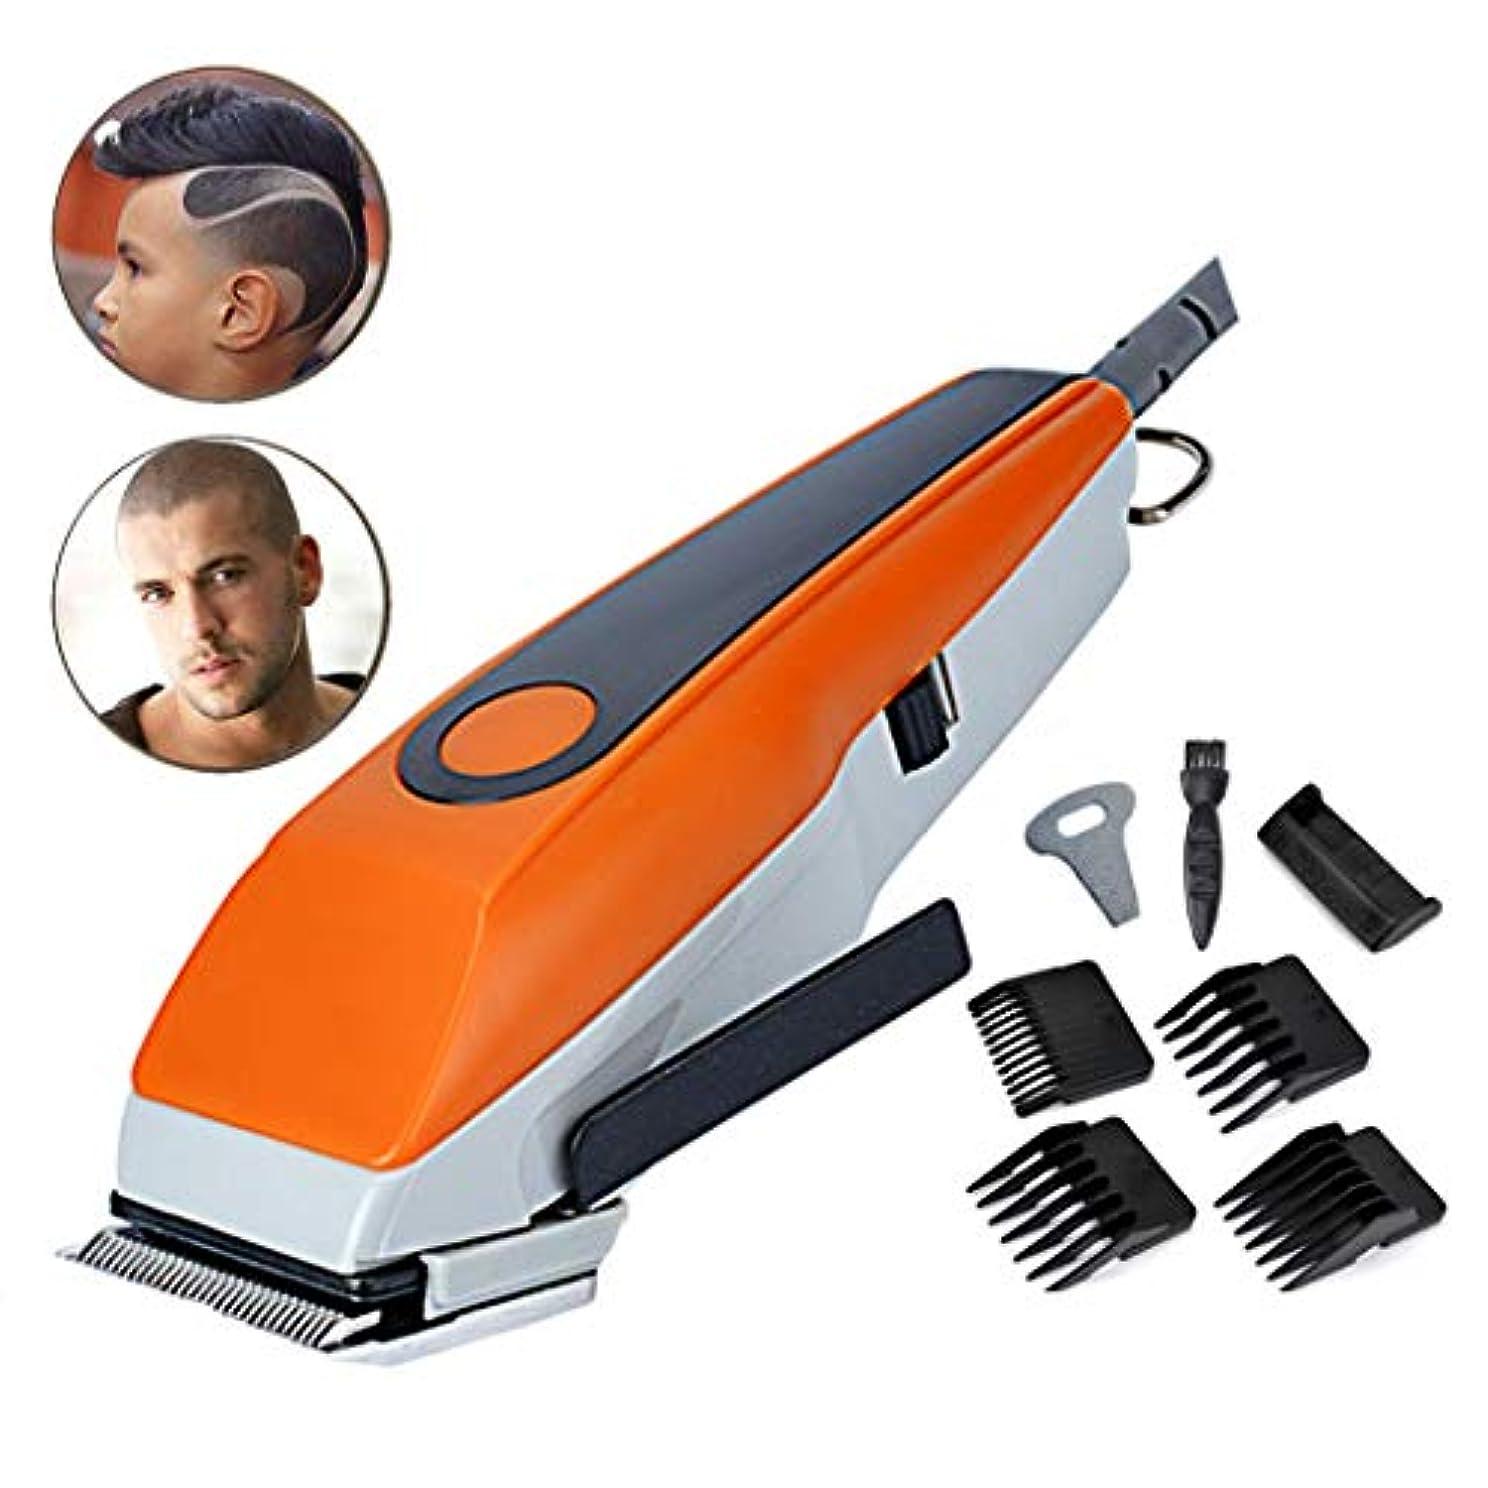 羨望構造傾いたバリカンはげかかった専門のバリカンメンズ電気シェーバー低雑音の毛の切断